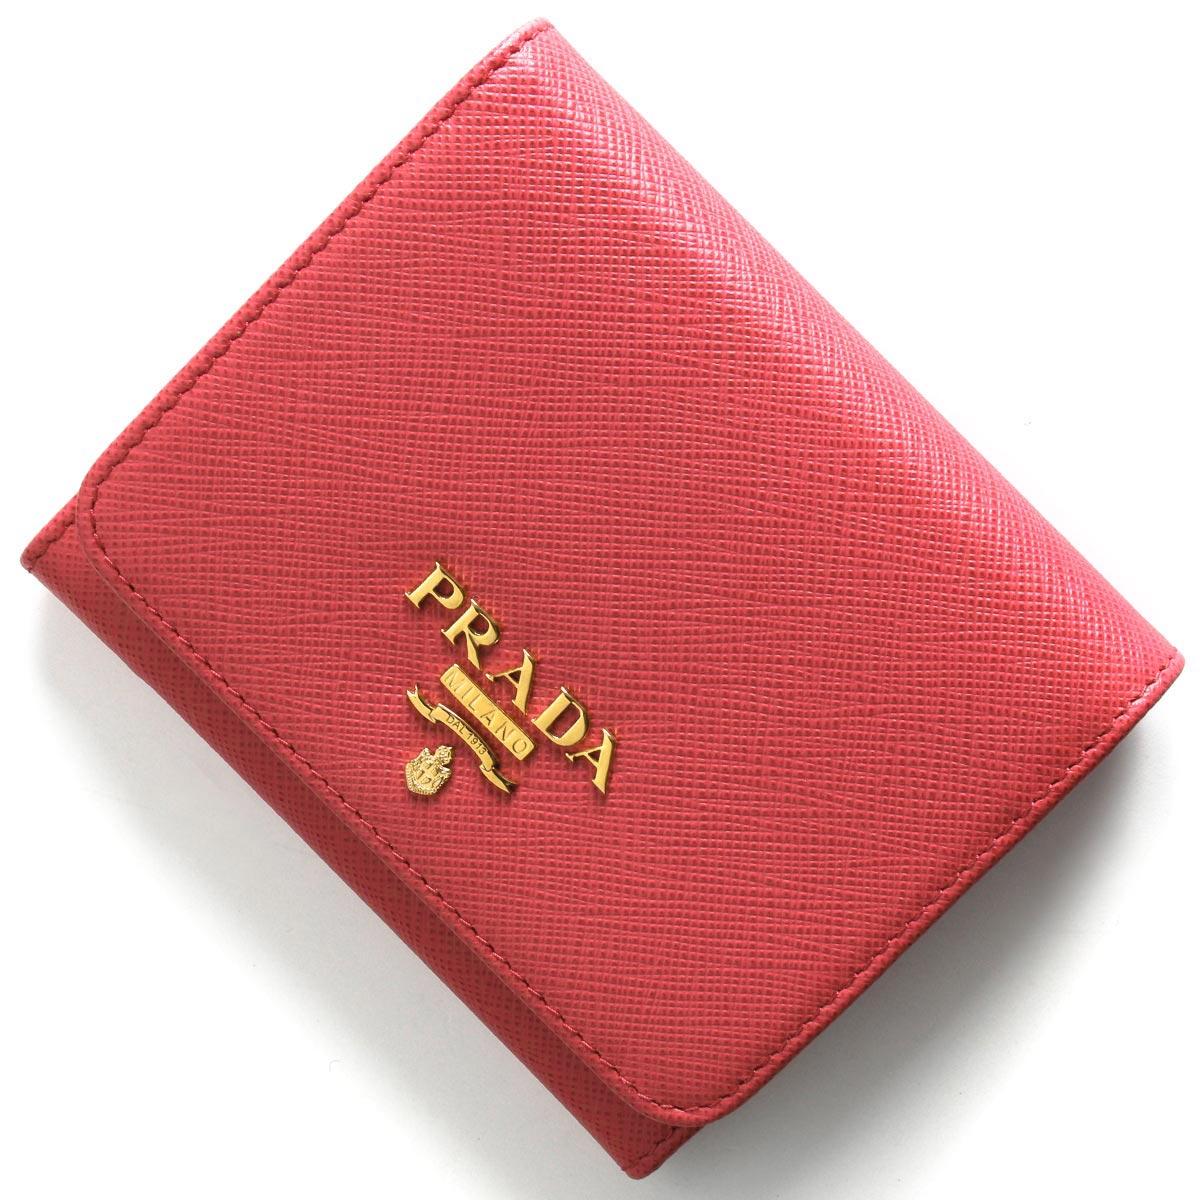 プラダ 三つ折り財布 財布 レディース サフィアーノ メタル ペオニアピンク 1MH176 QWA F0505 PRADA